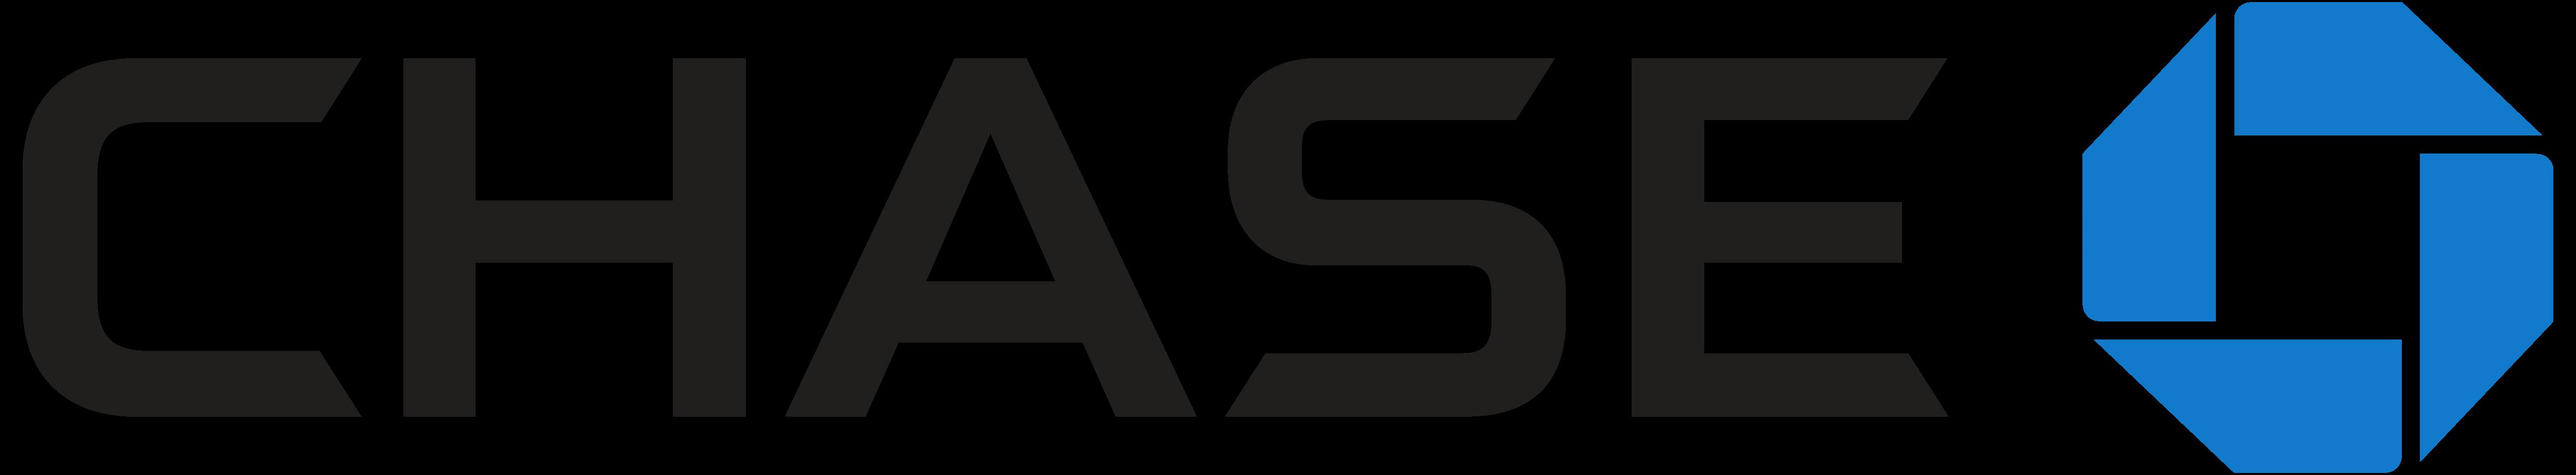 Jp Morgan Chase Logos